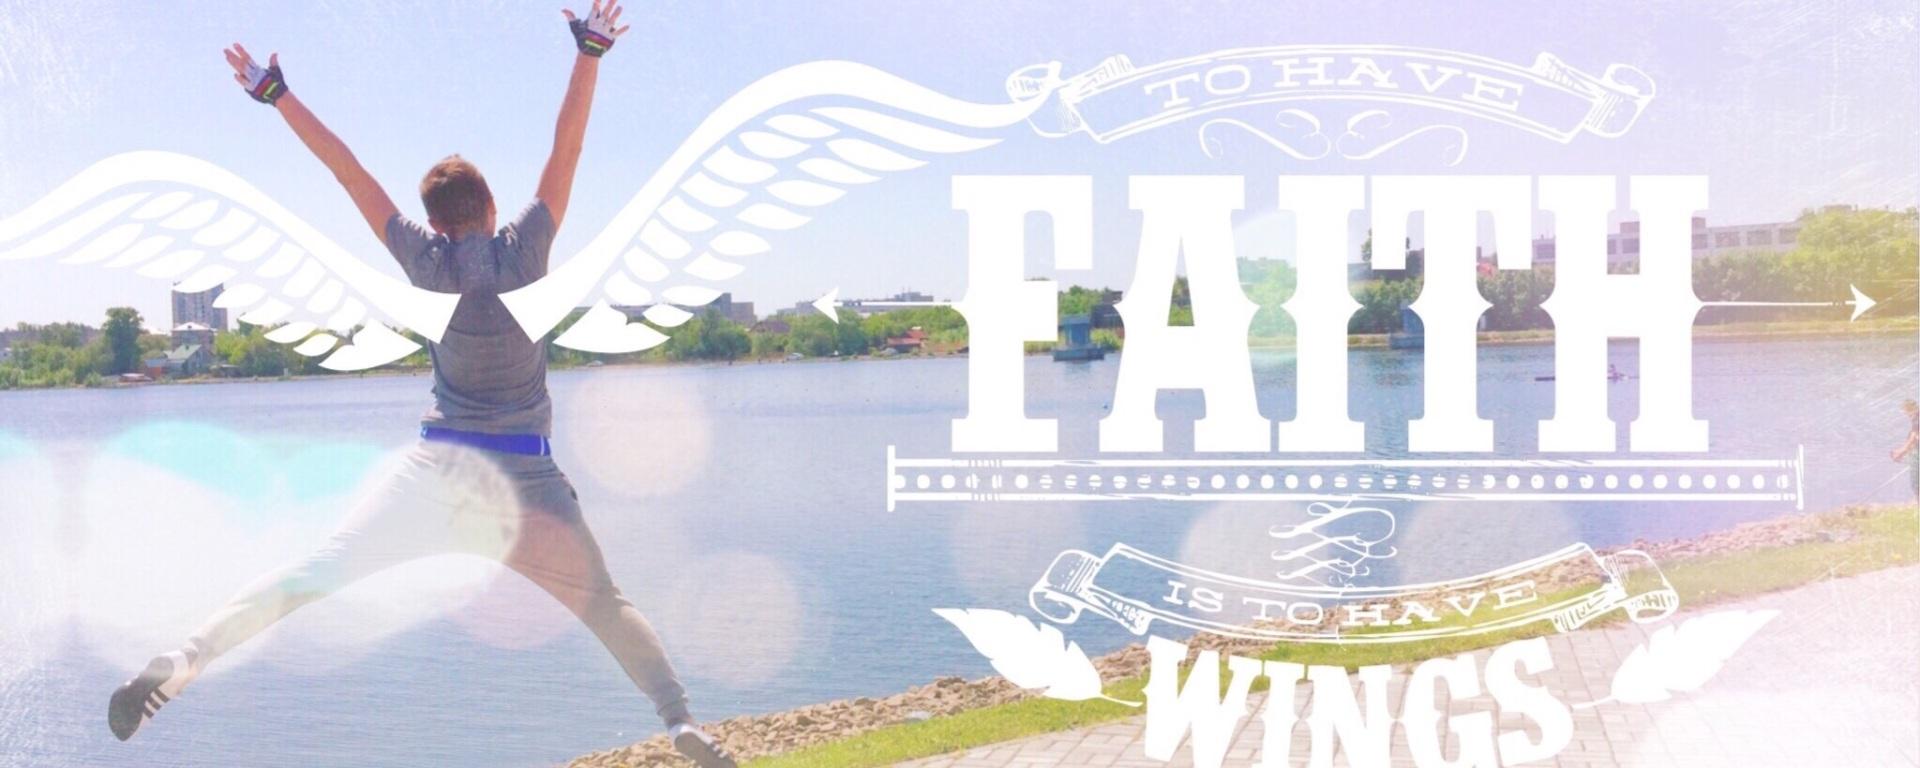 Вера, счастье, мотивация, новая жизнь, крылья, успех